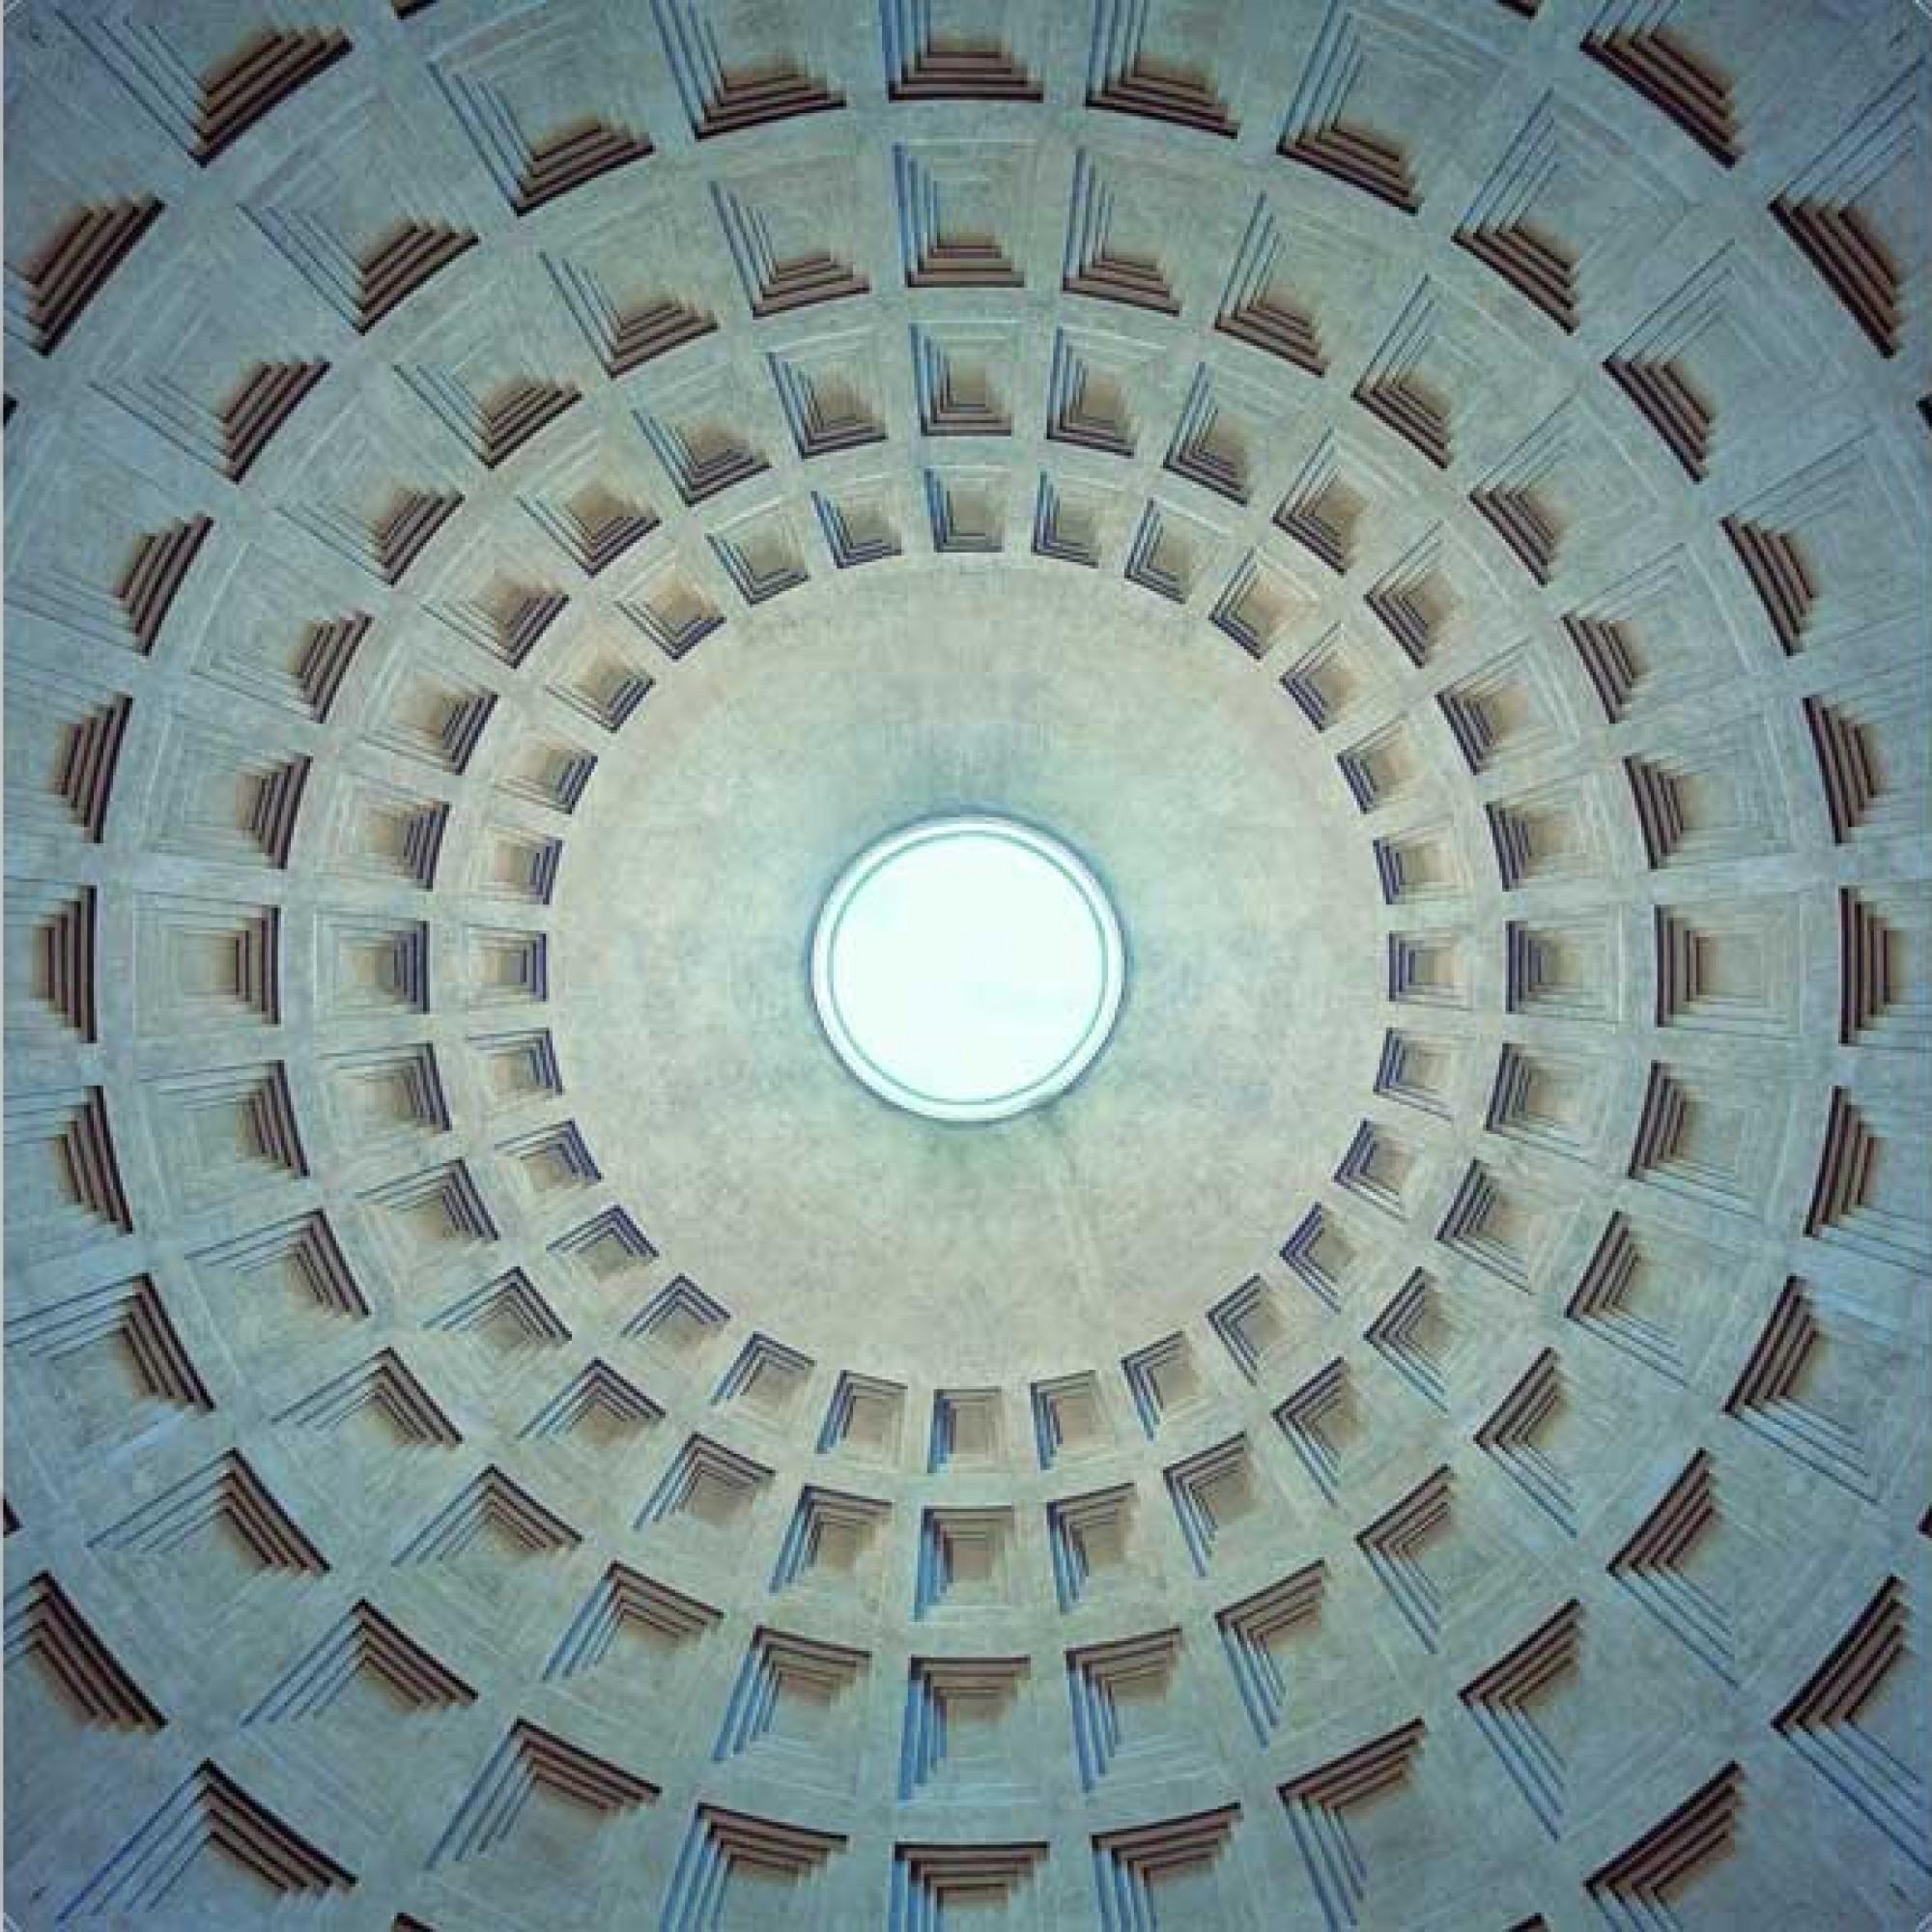 Die Kuppel des Pantheons wirkt von Jakob Straub fotografiert zweidimensional. (Jakob Straub / Hatje Cantz-Verlag, PD)